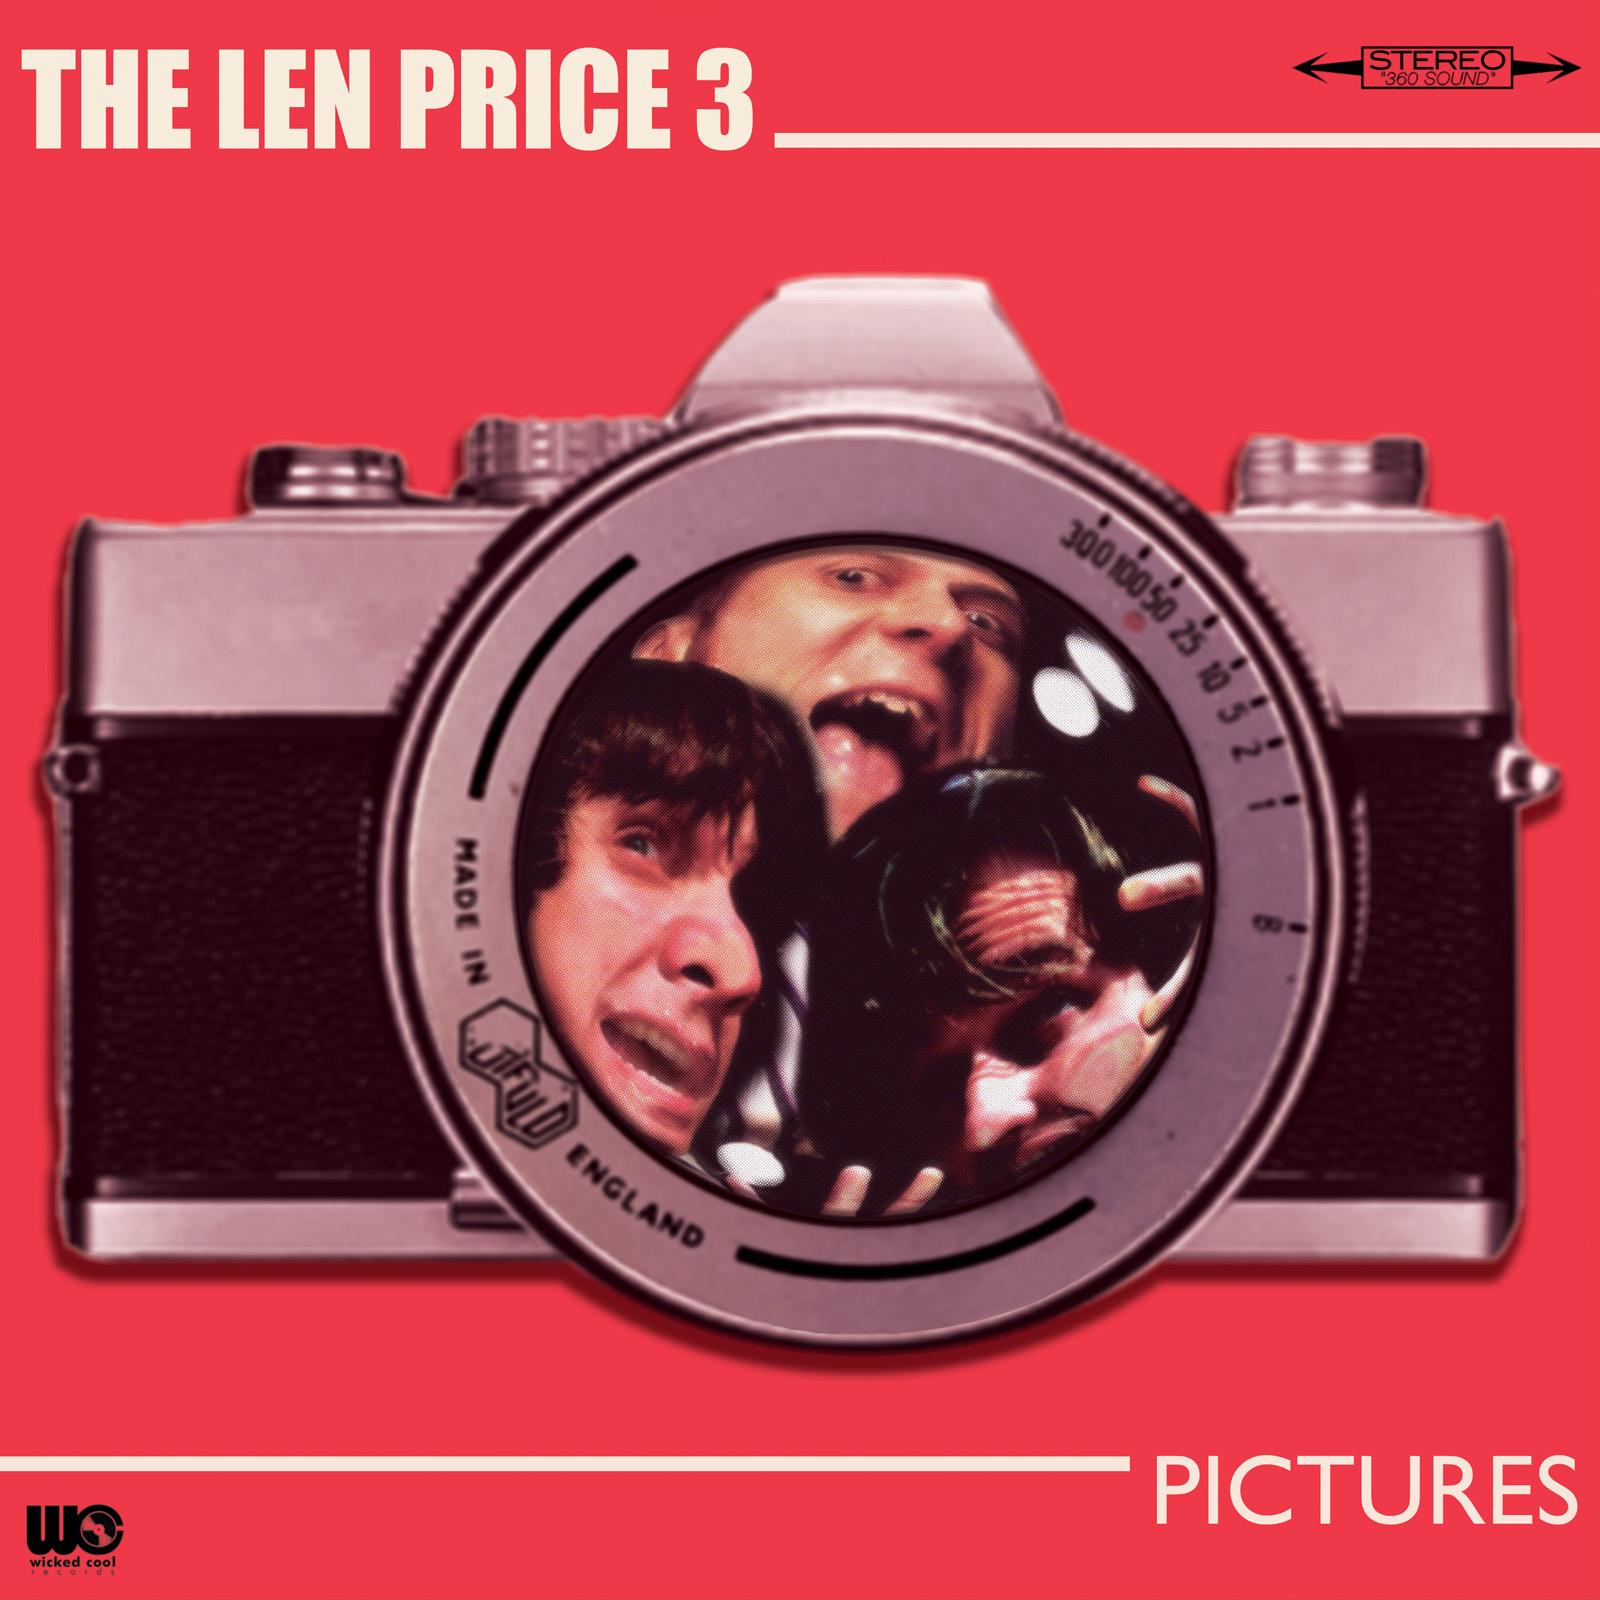 LenPrice3